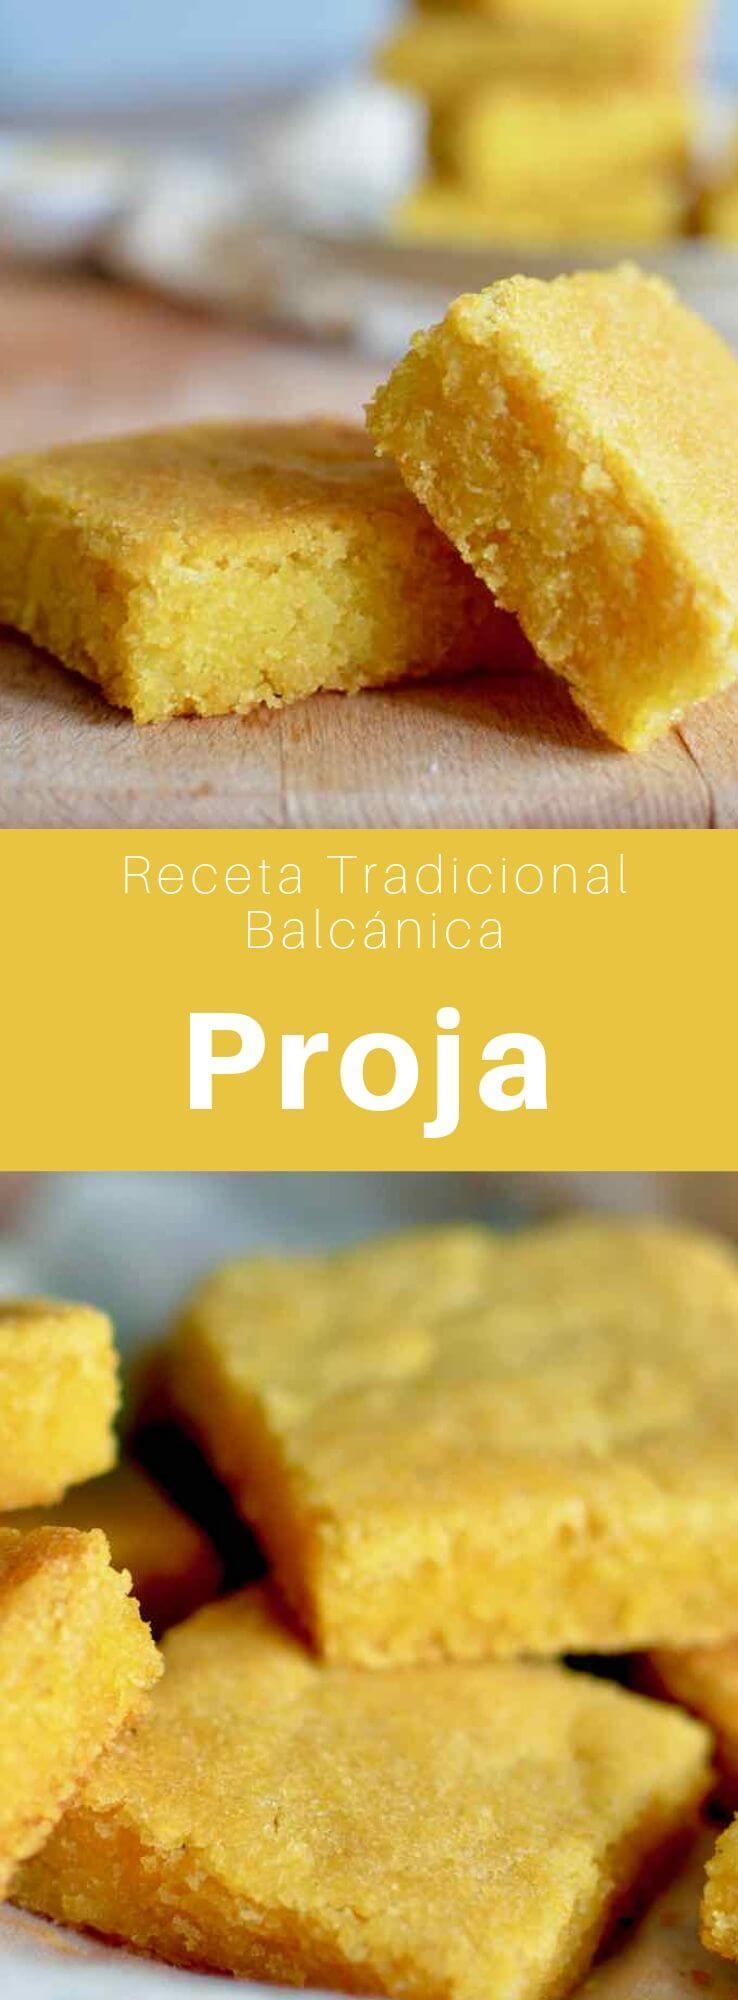 La proja es un pan plano tradicional de la región de los Balcanes que está hecho de harina de maíz. Se llama proha en Bosnia y Herzegovina.